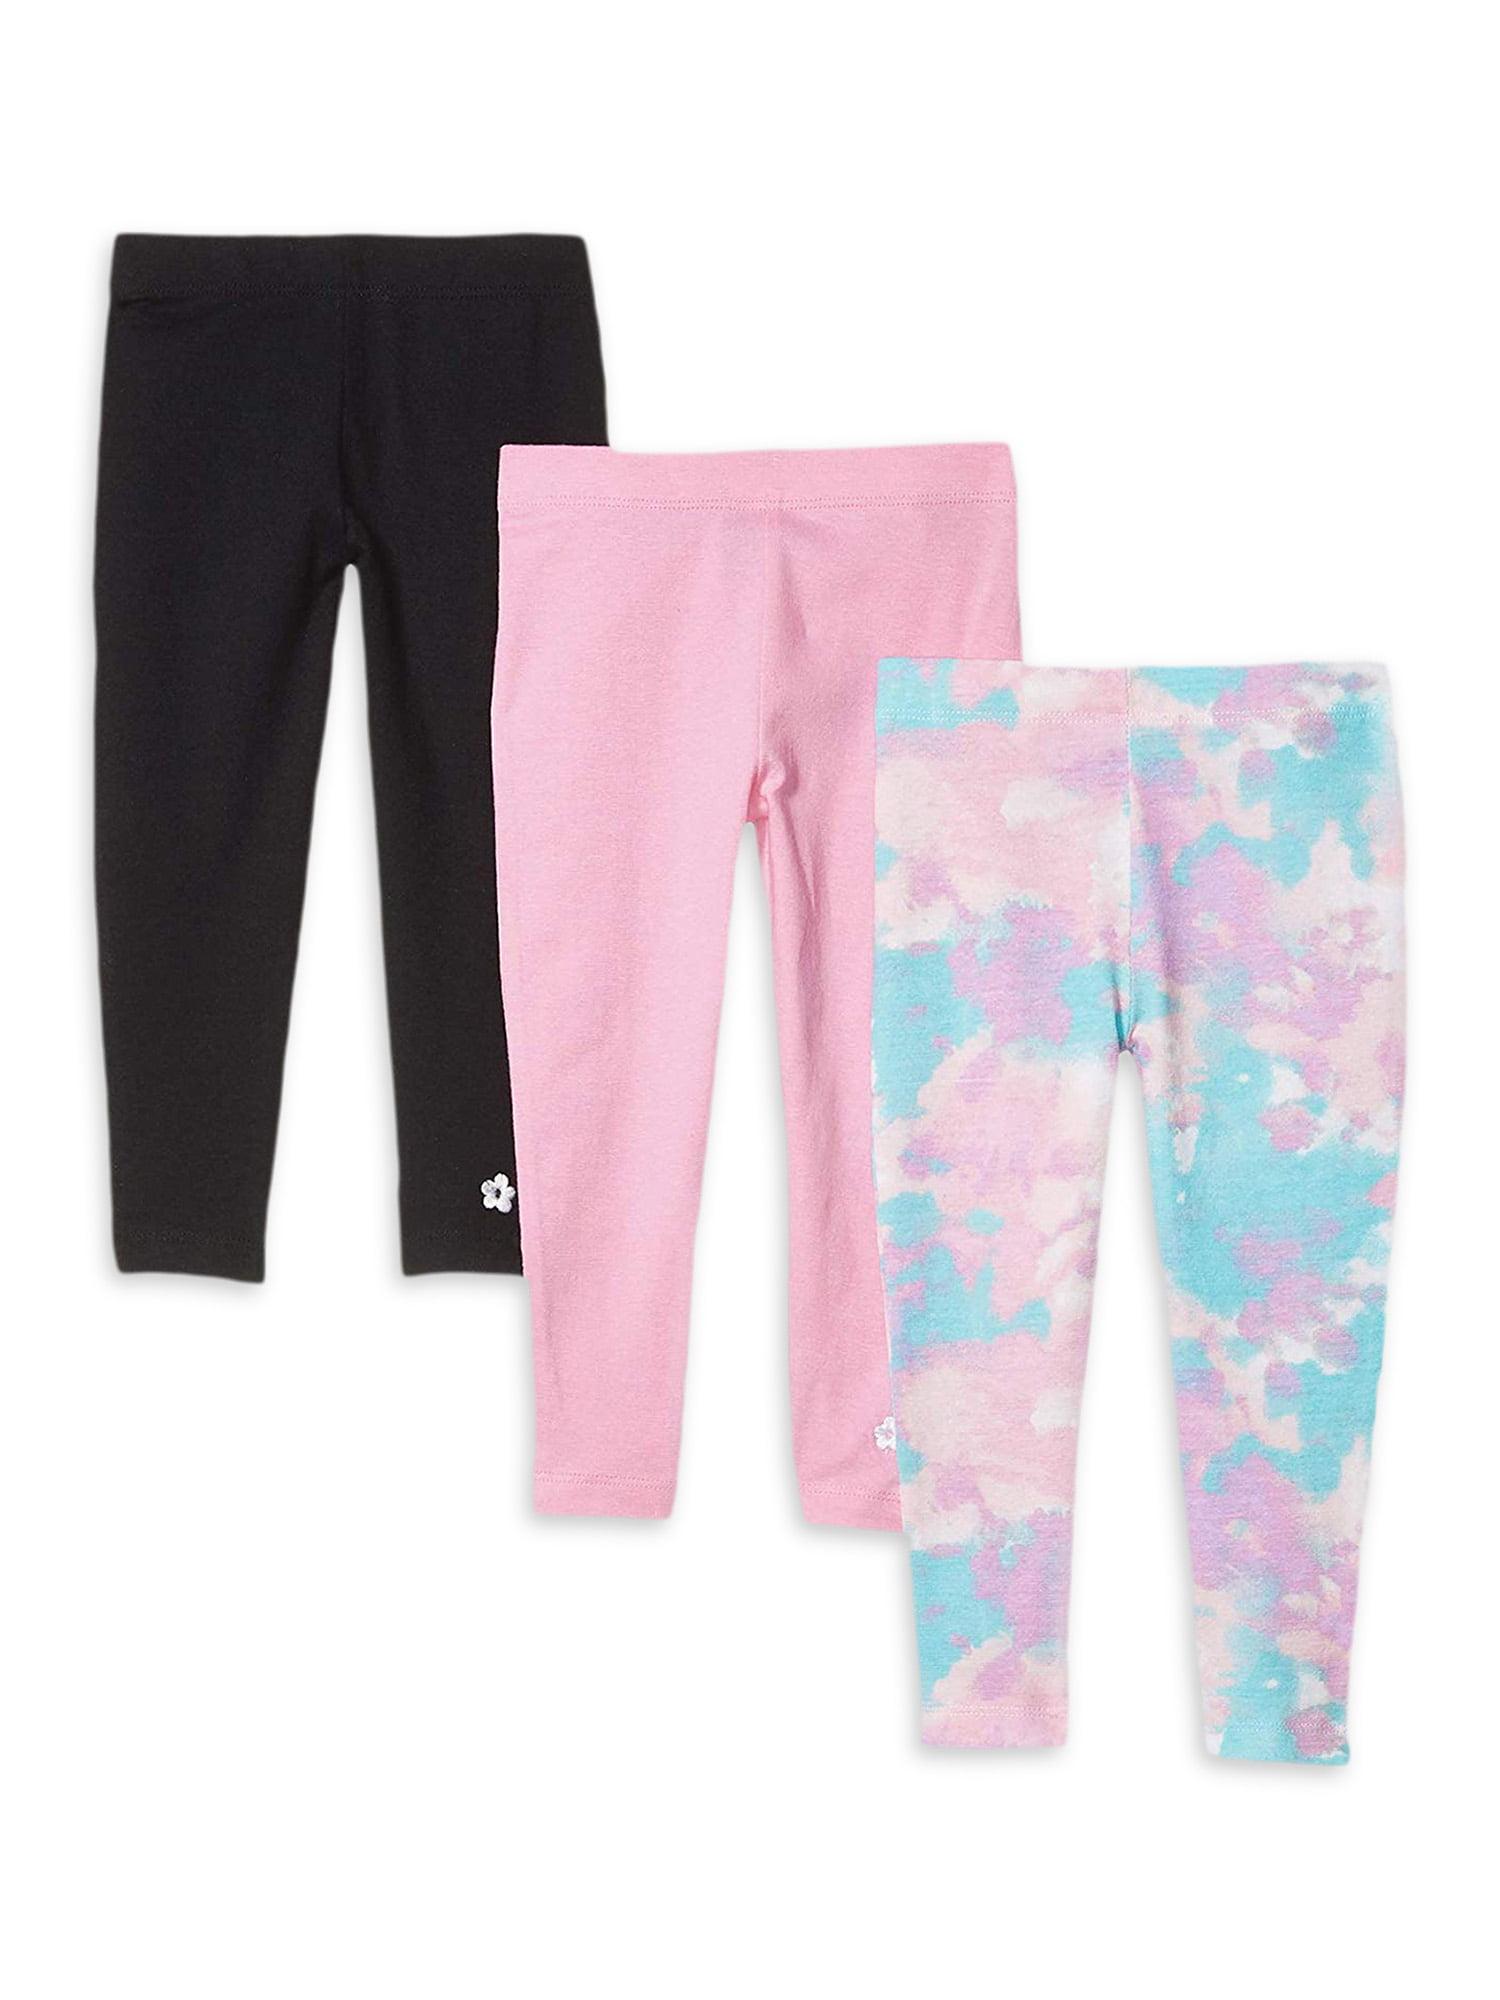 JoJo Siwa Sneaker Bow Glitter Ponte Leggings Pants Black Pink Girls S M L XL